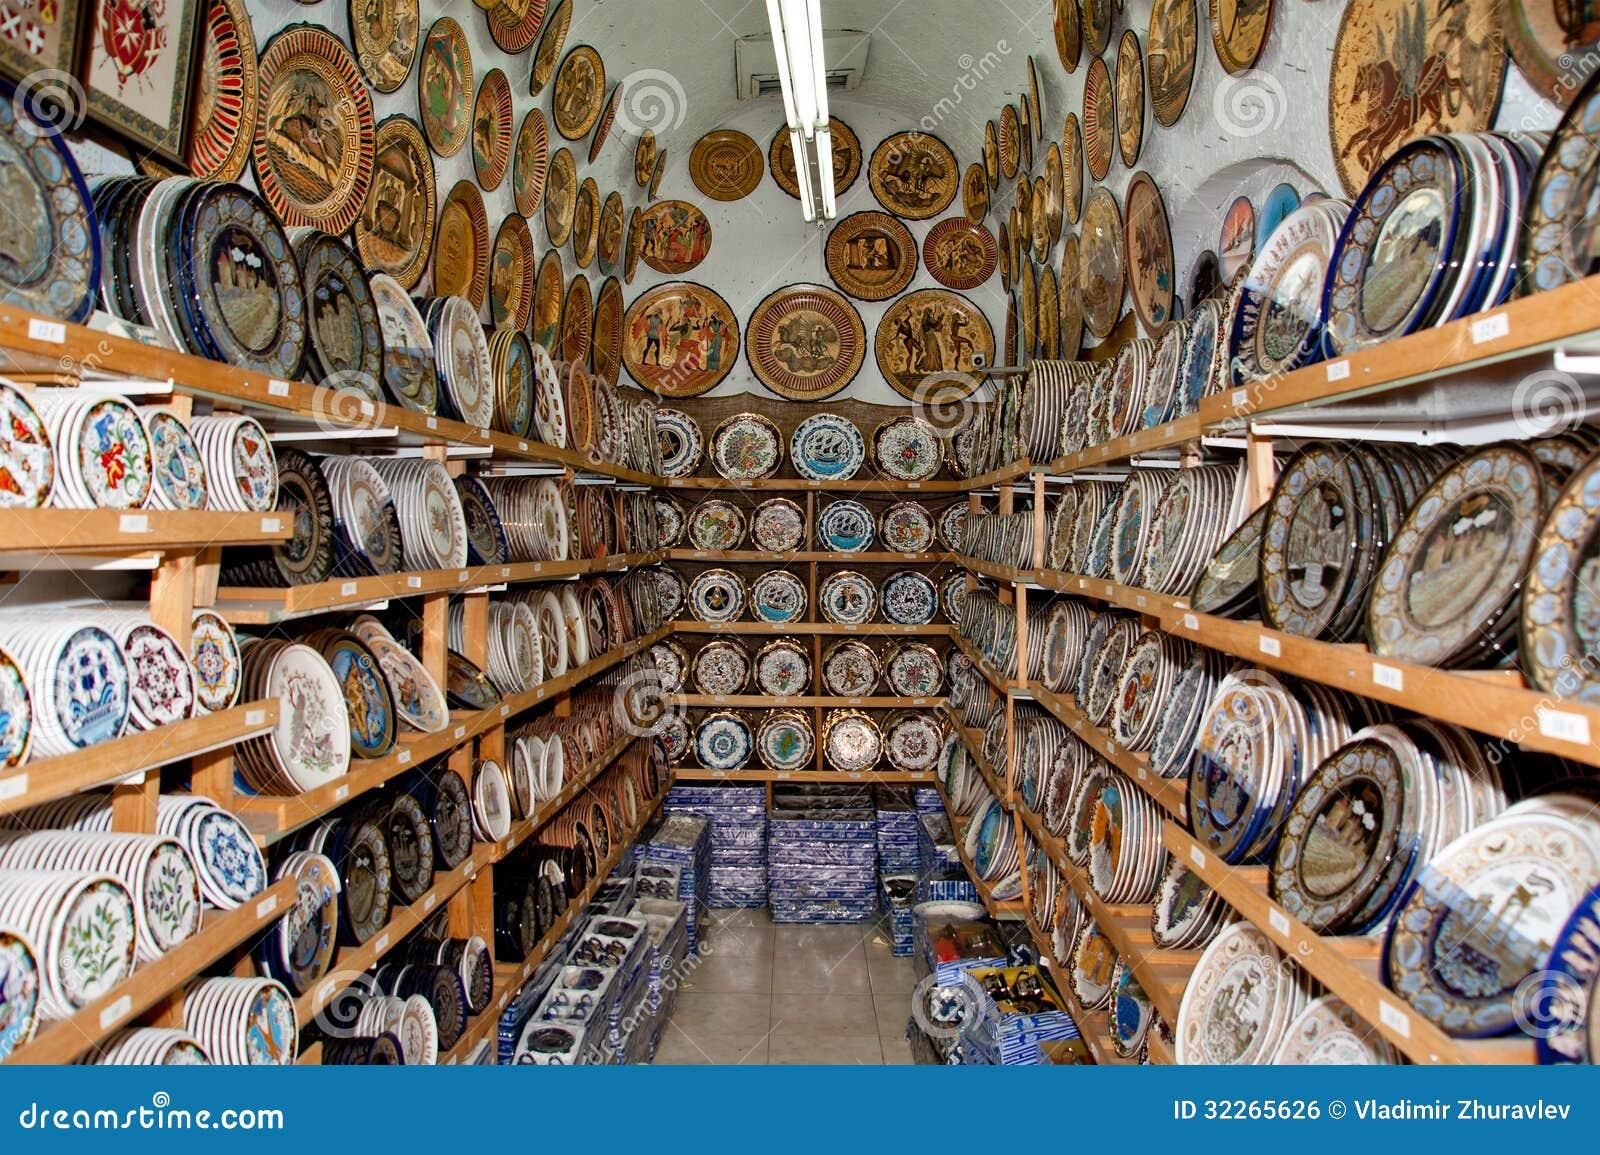 Ceramics Souvenir Shop Traditional Greek Vases Stock